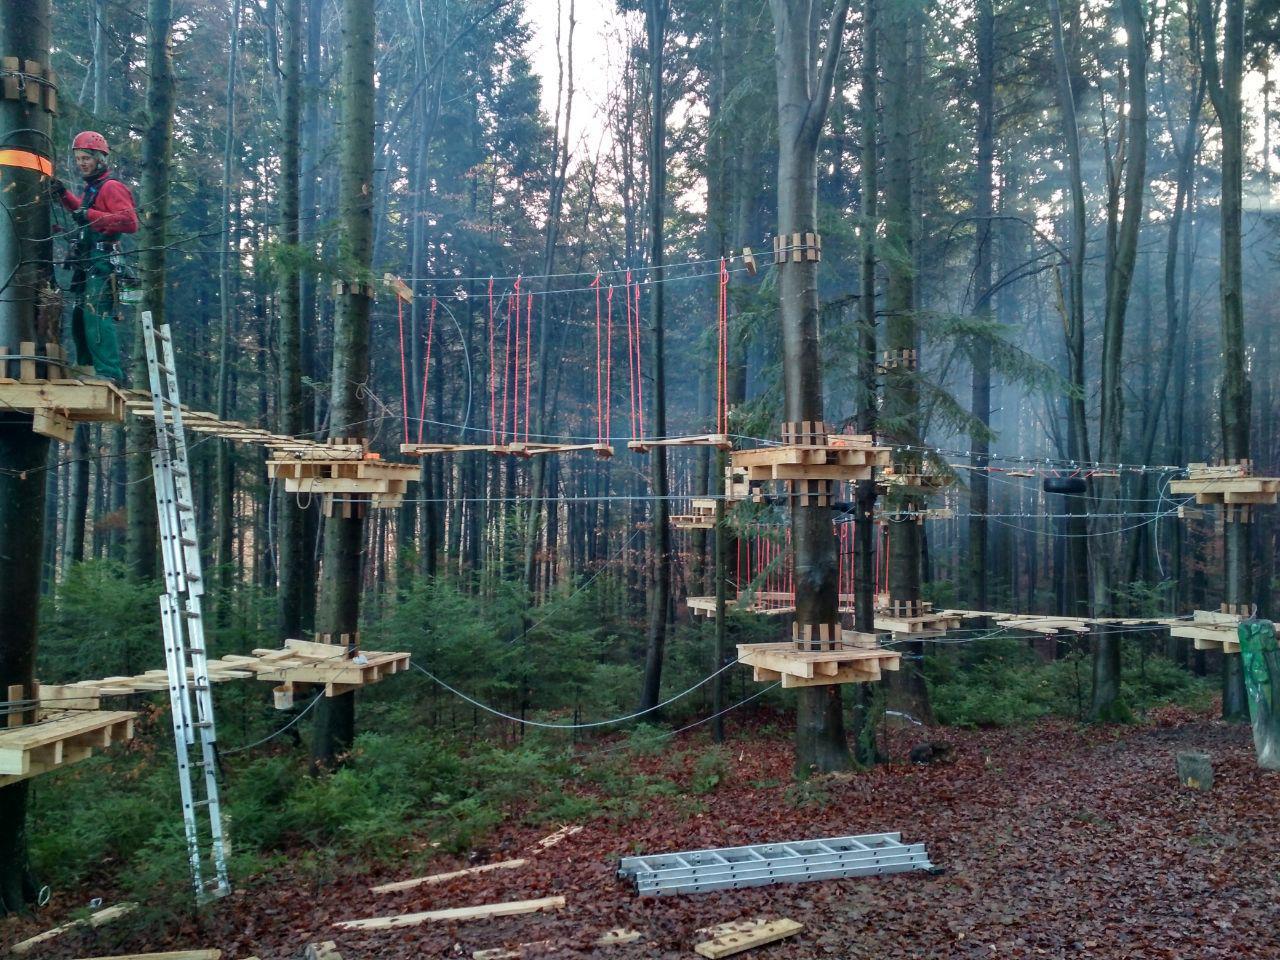 У лісгоспі на Франківщині встановили мотузковий парк для дітей 8